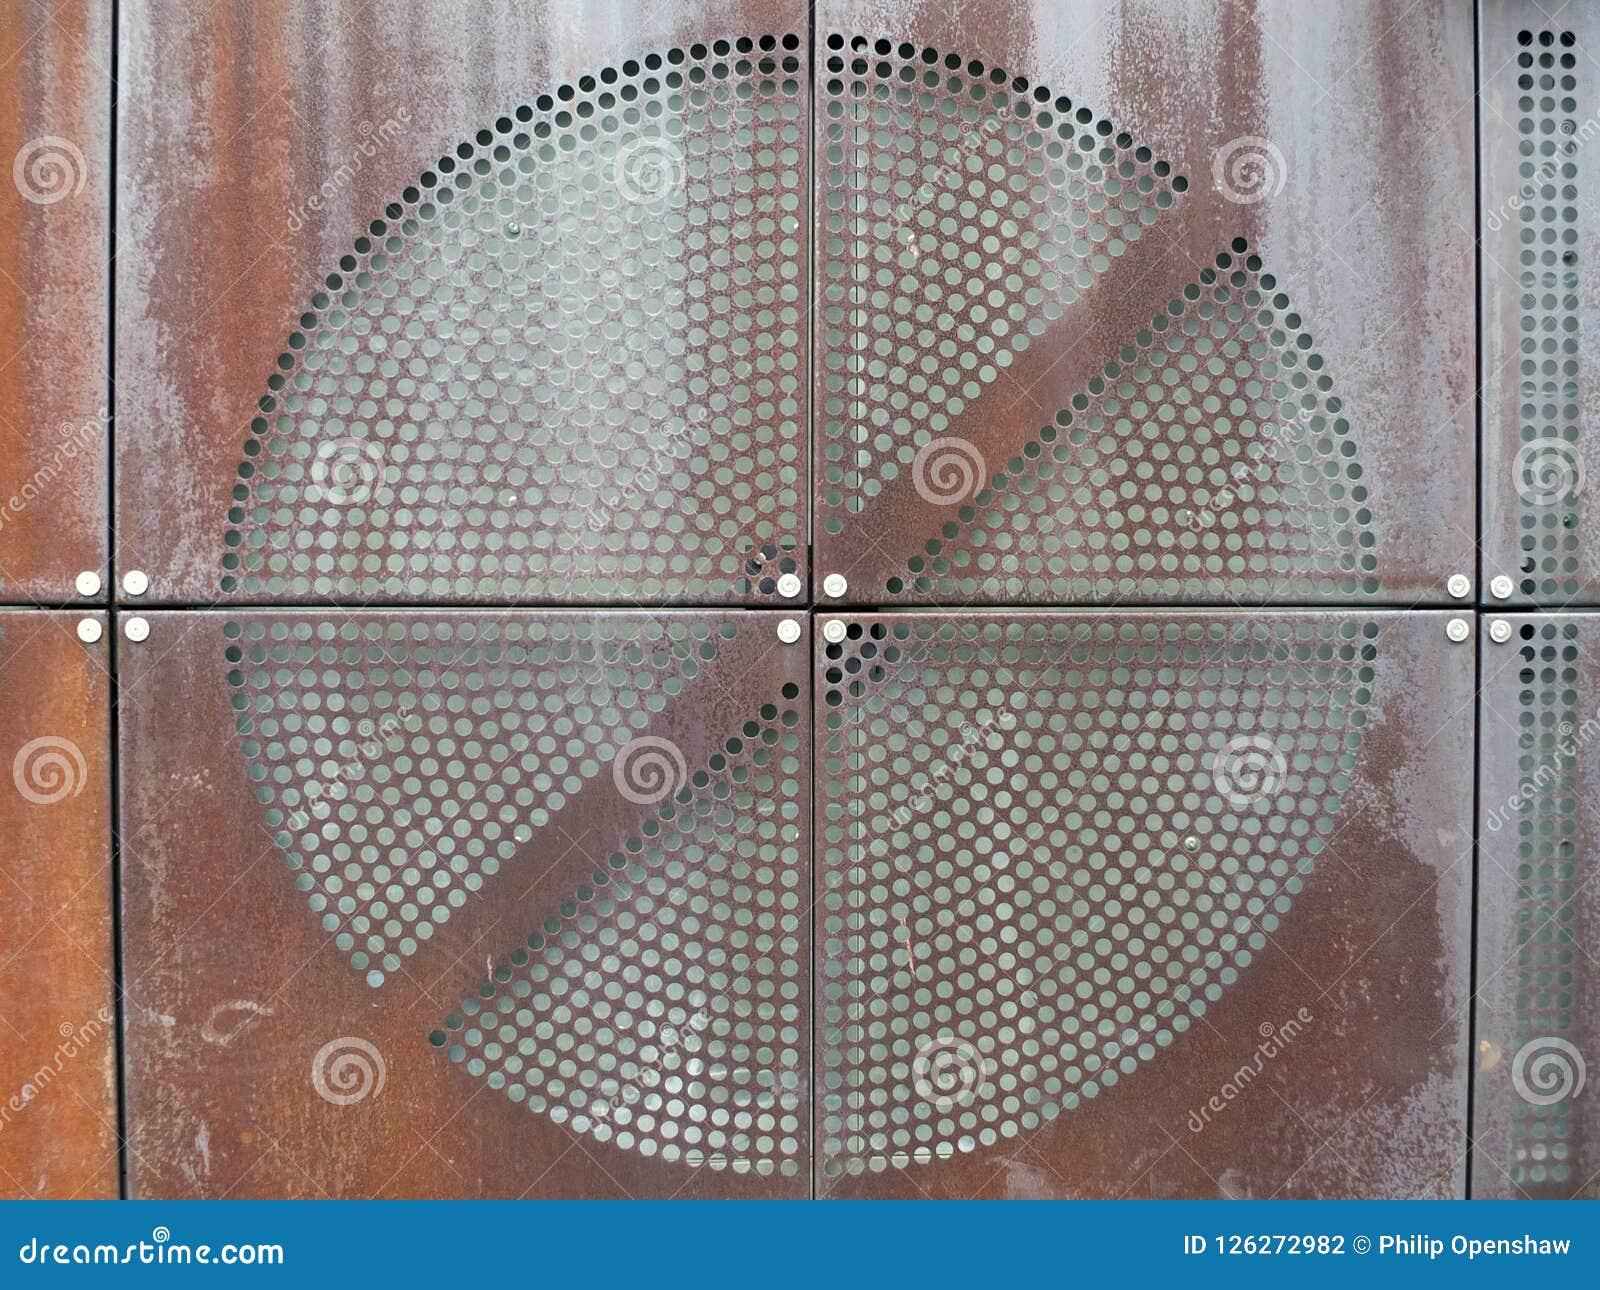 Industriële roestige metaalplaten met rond geperforeerd cirkelnetpatroon